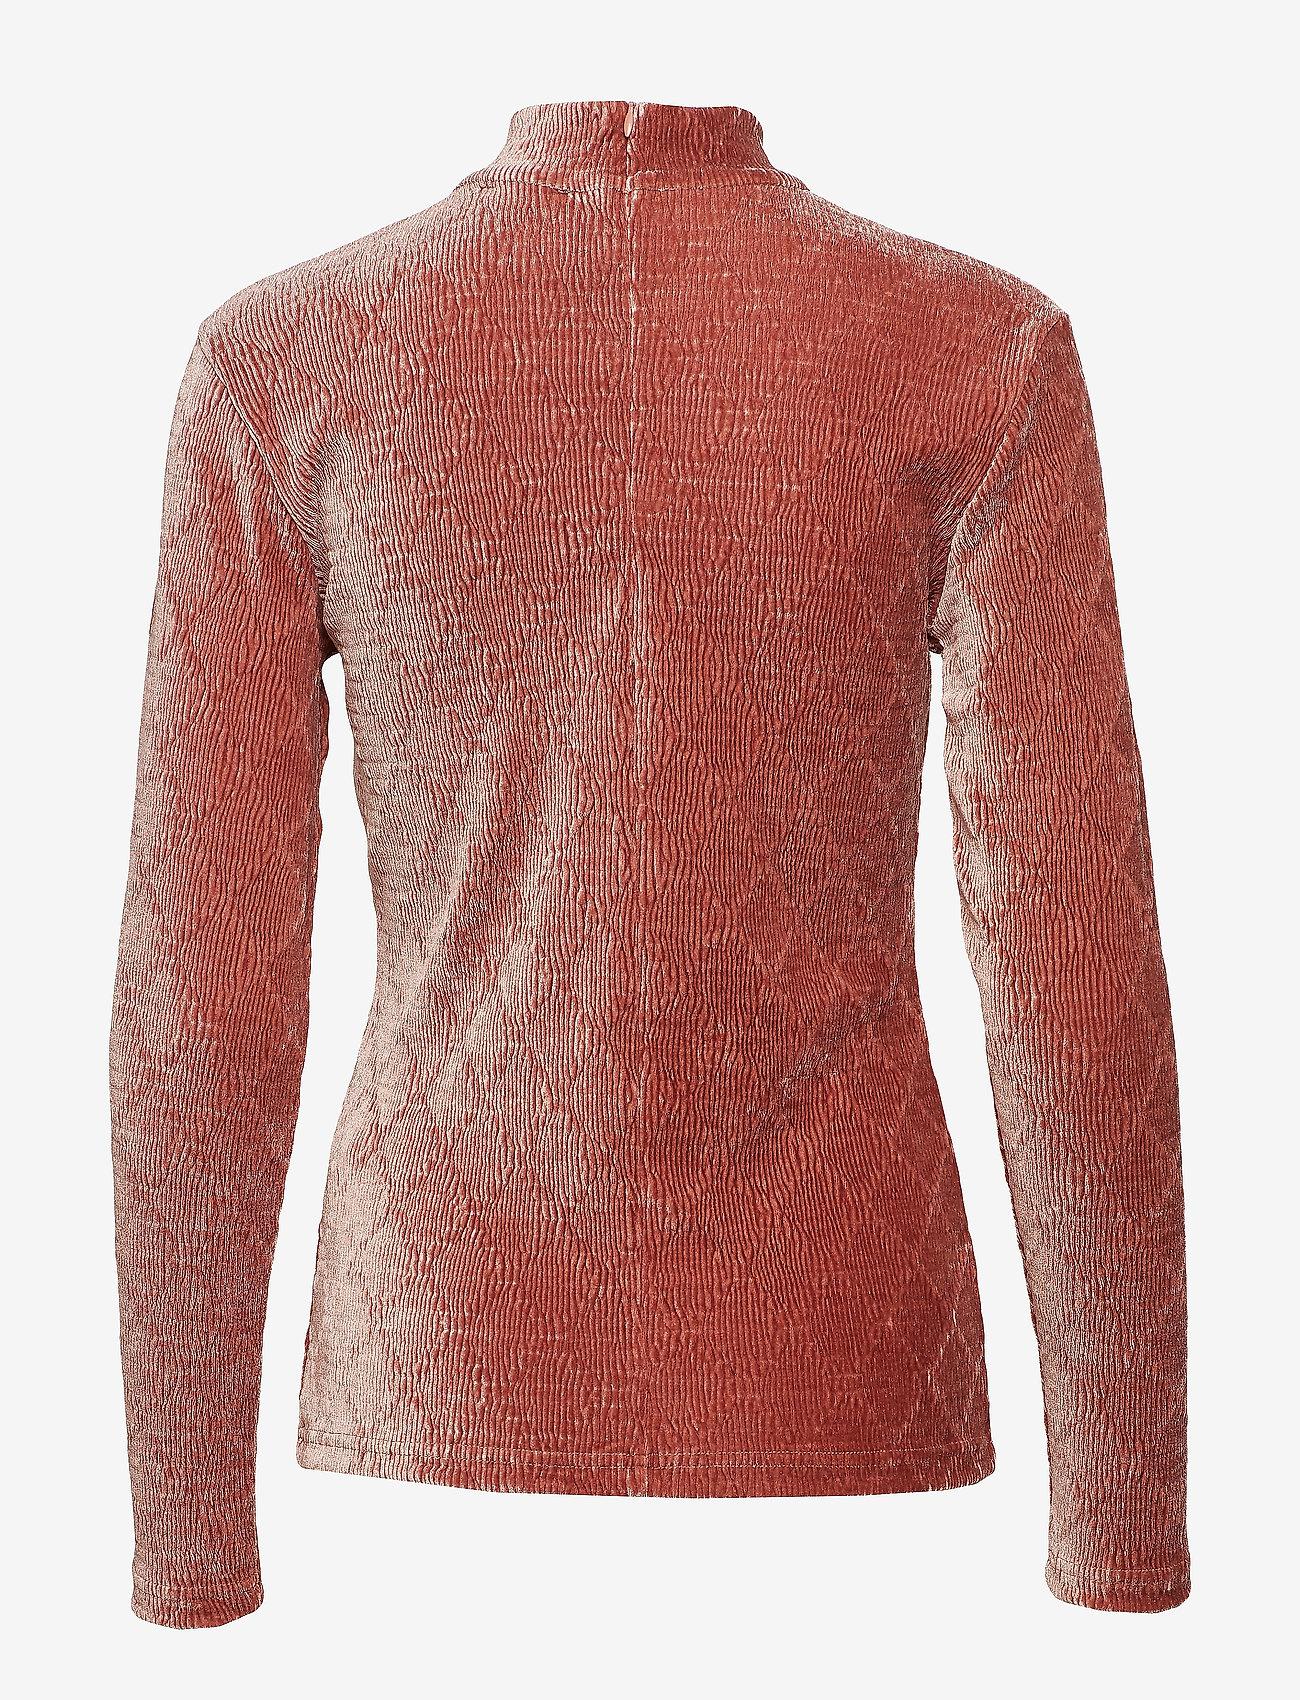 Minus Dakota blouse - Blouses & Shirts BLUSH